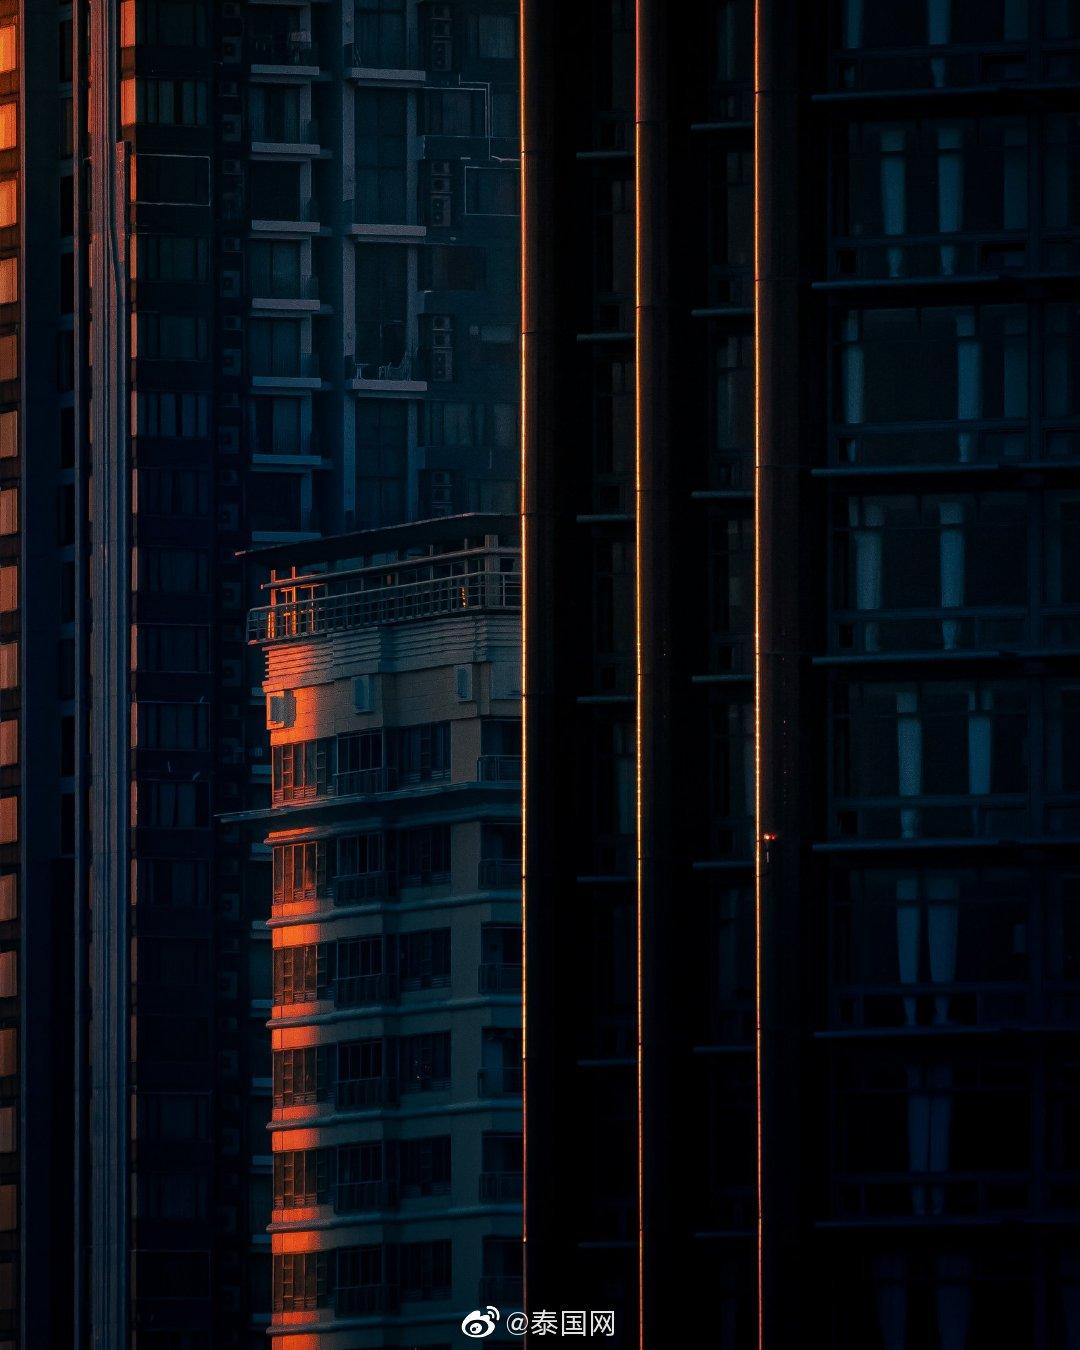 曼谷 天黑的前一刻(cr.donamtykl_)